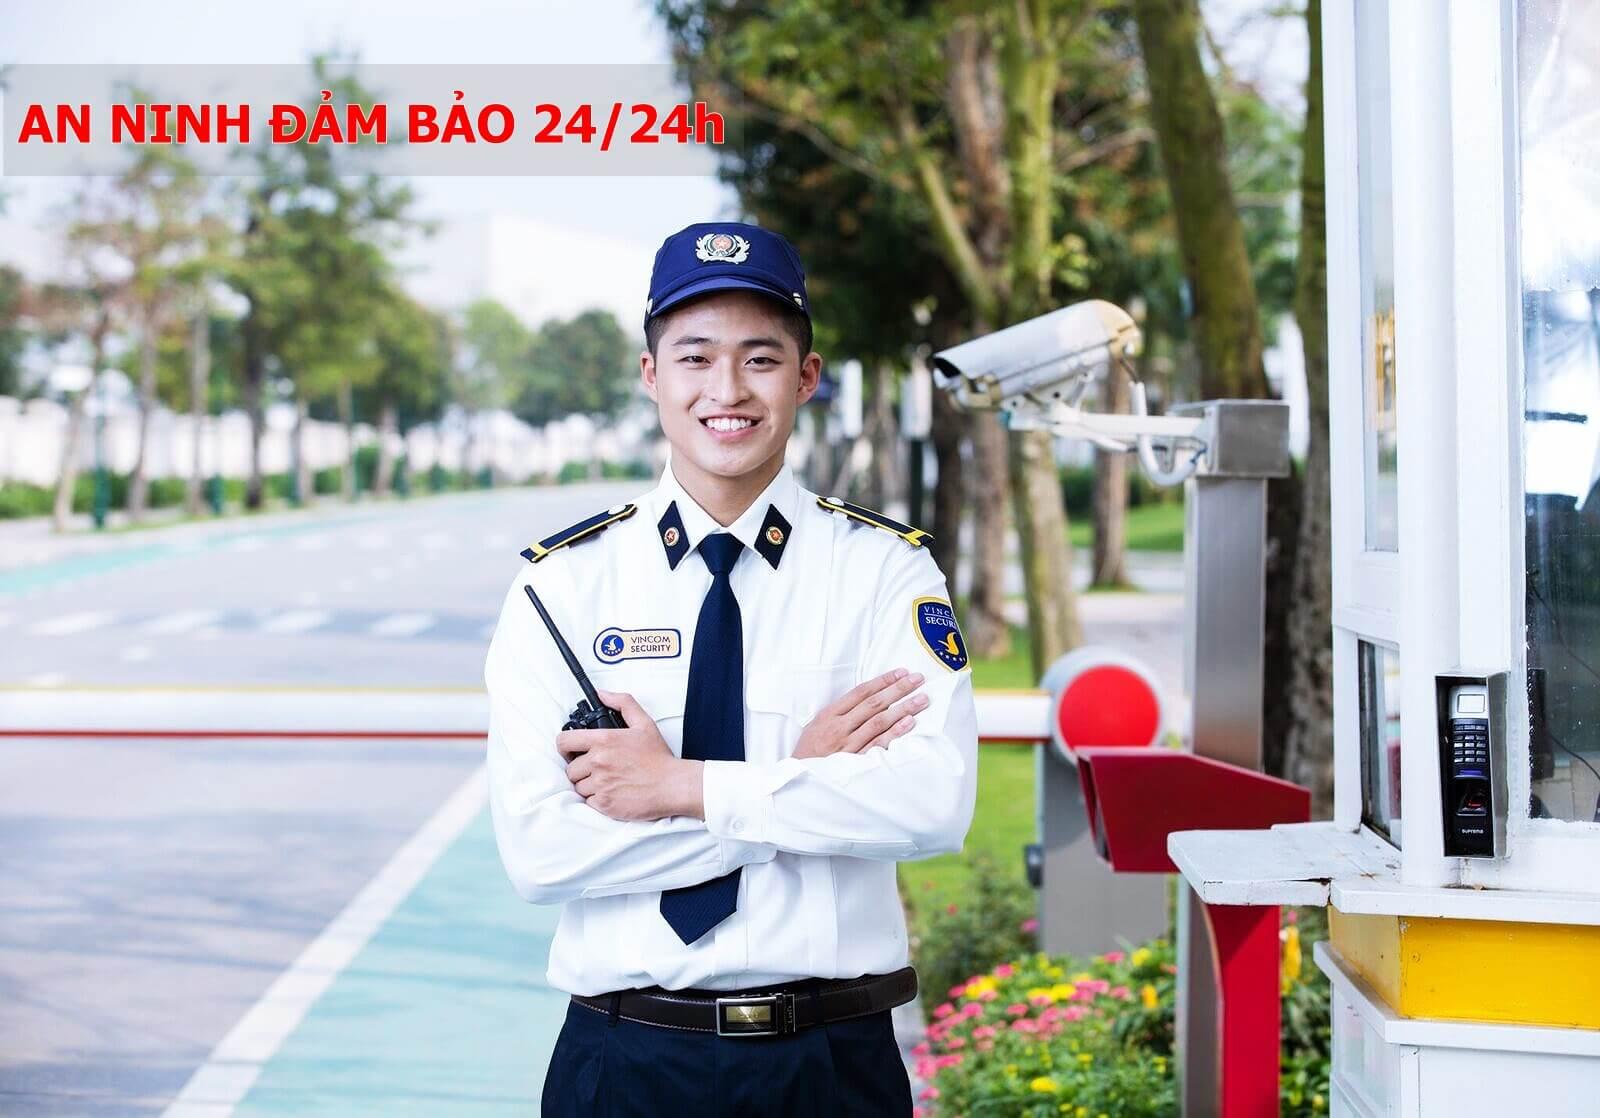 Hệ thống an ninh giám sát đảm bảo 24h/24h tại chung cư Xuân Mai